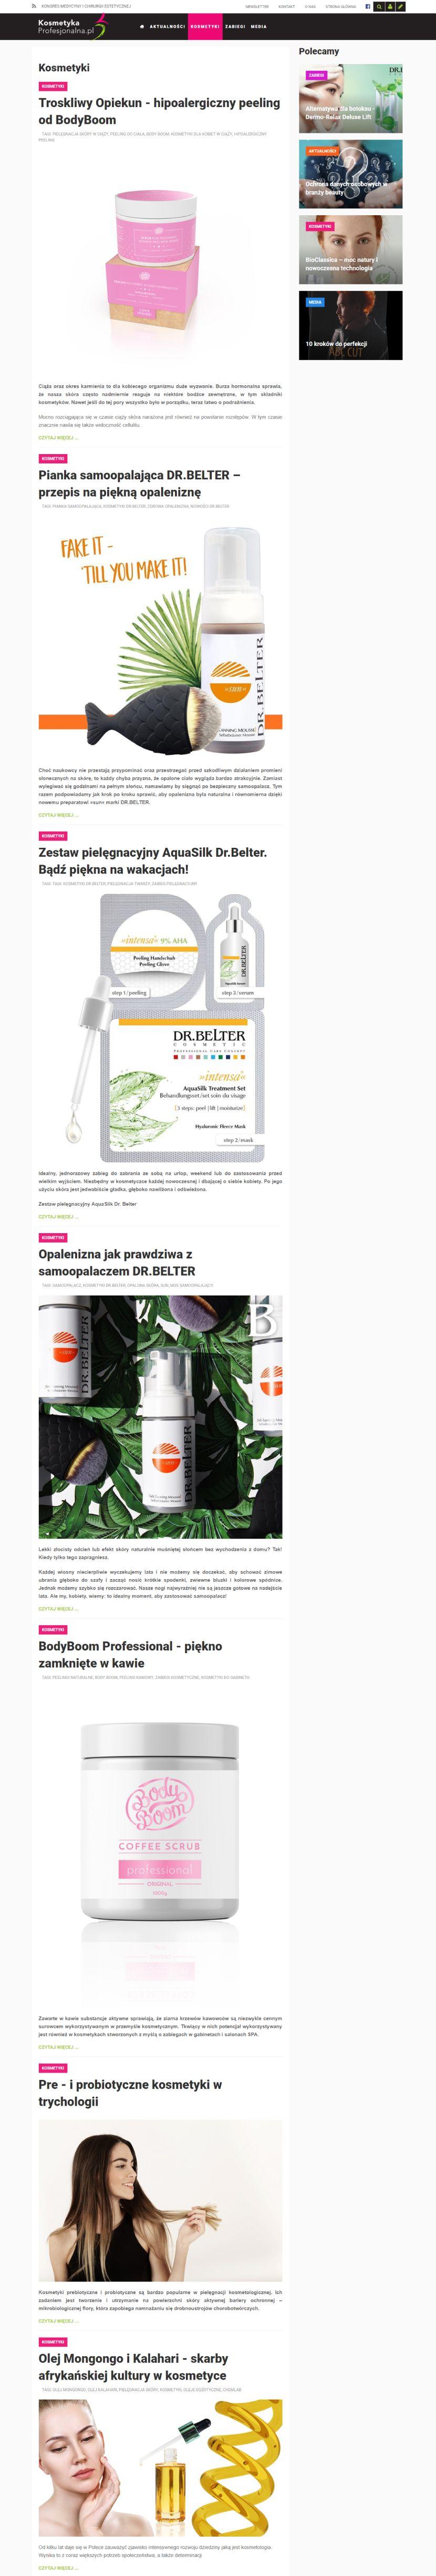 Kosmetyka Profesjonalna - wygląd strony kategorii